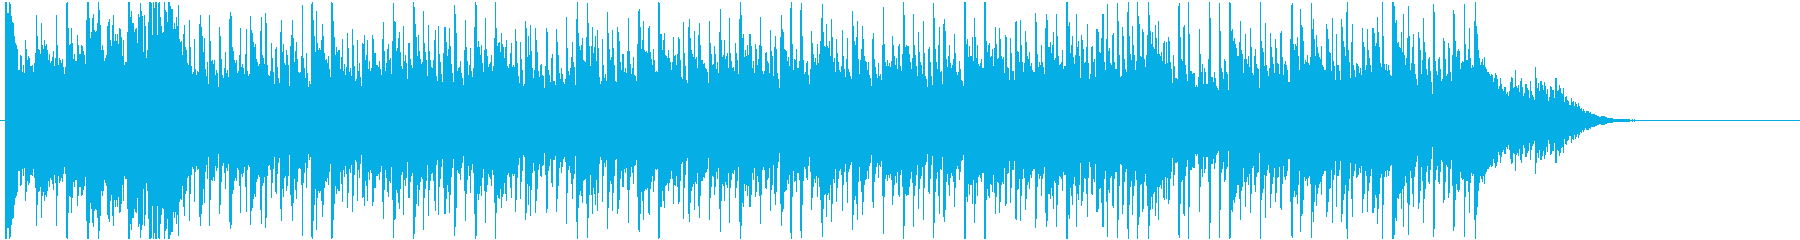 バラエティ番組テーマ曲の再生済みの波形